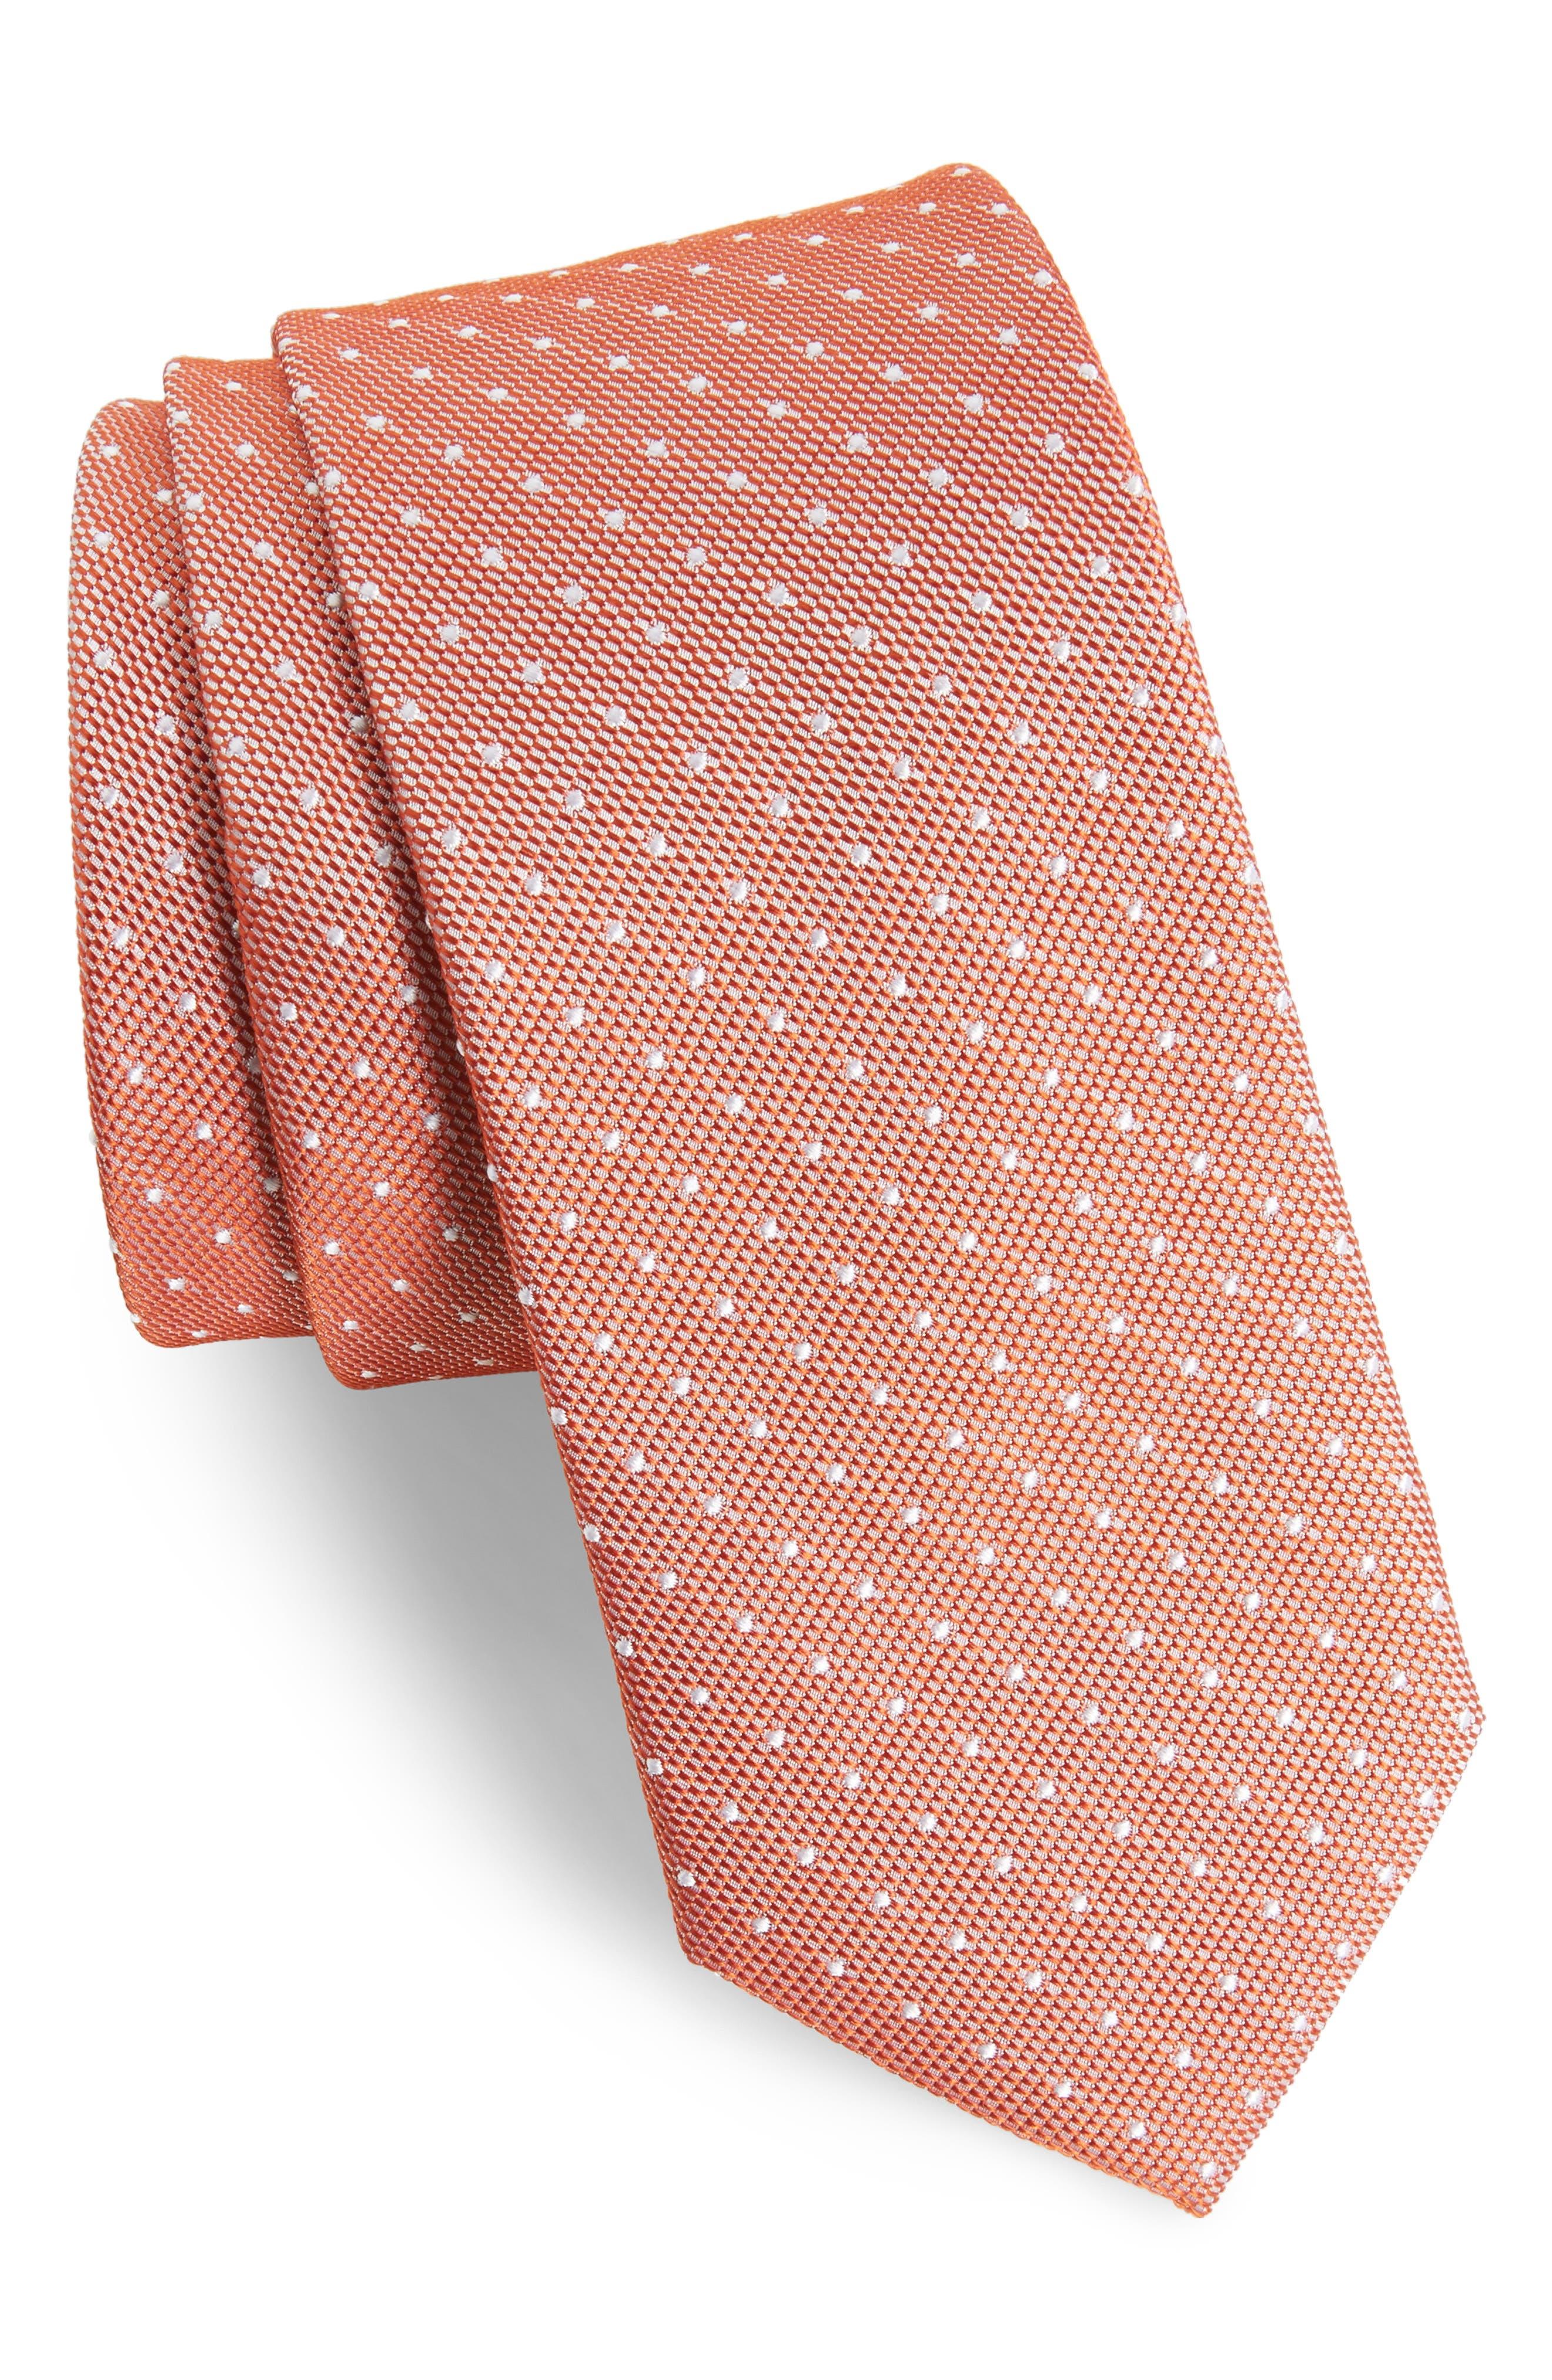 Paseo Dot Silk Skinny Tie,                         Main,                         color, Orange